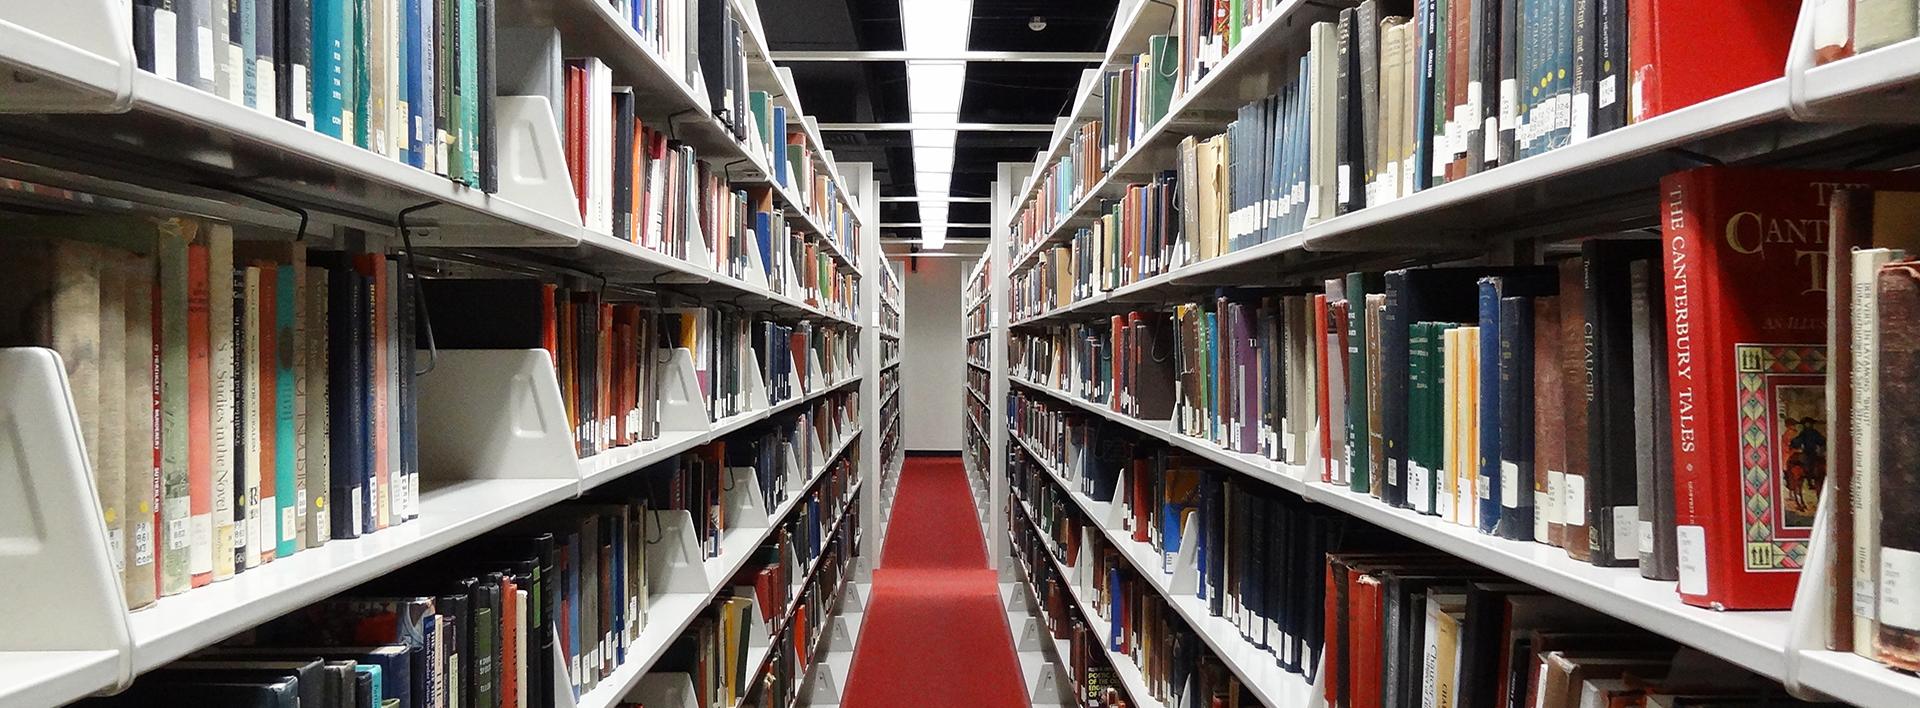 cengage online bookshelf